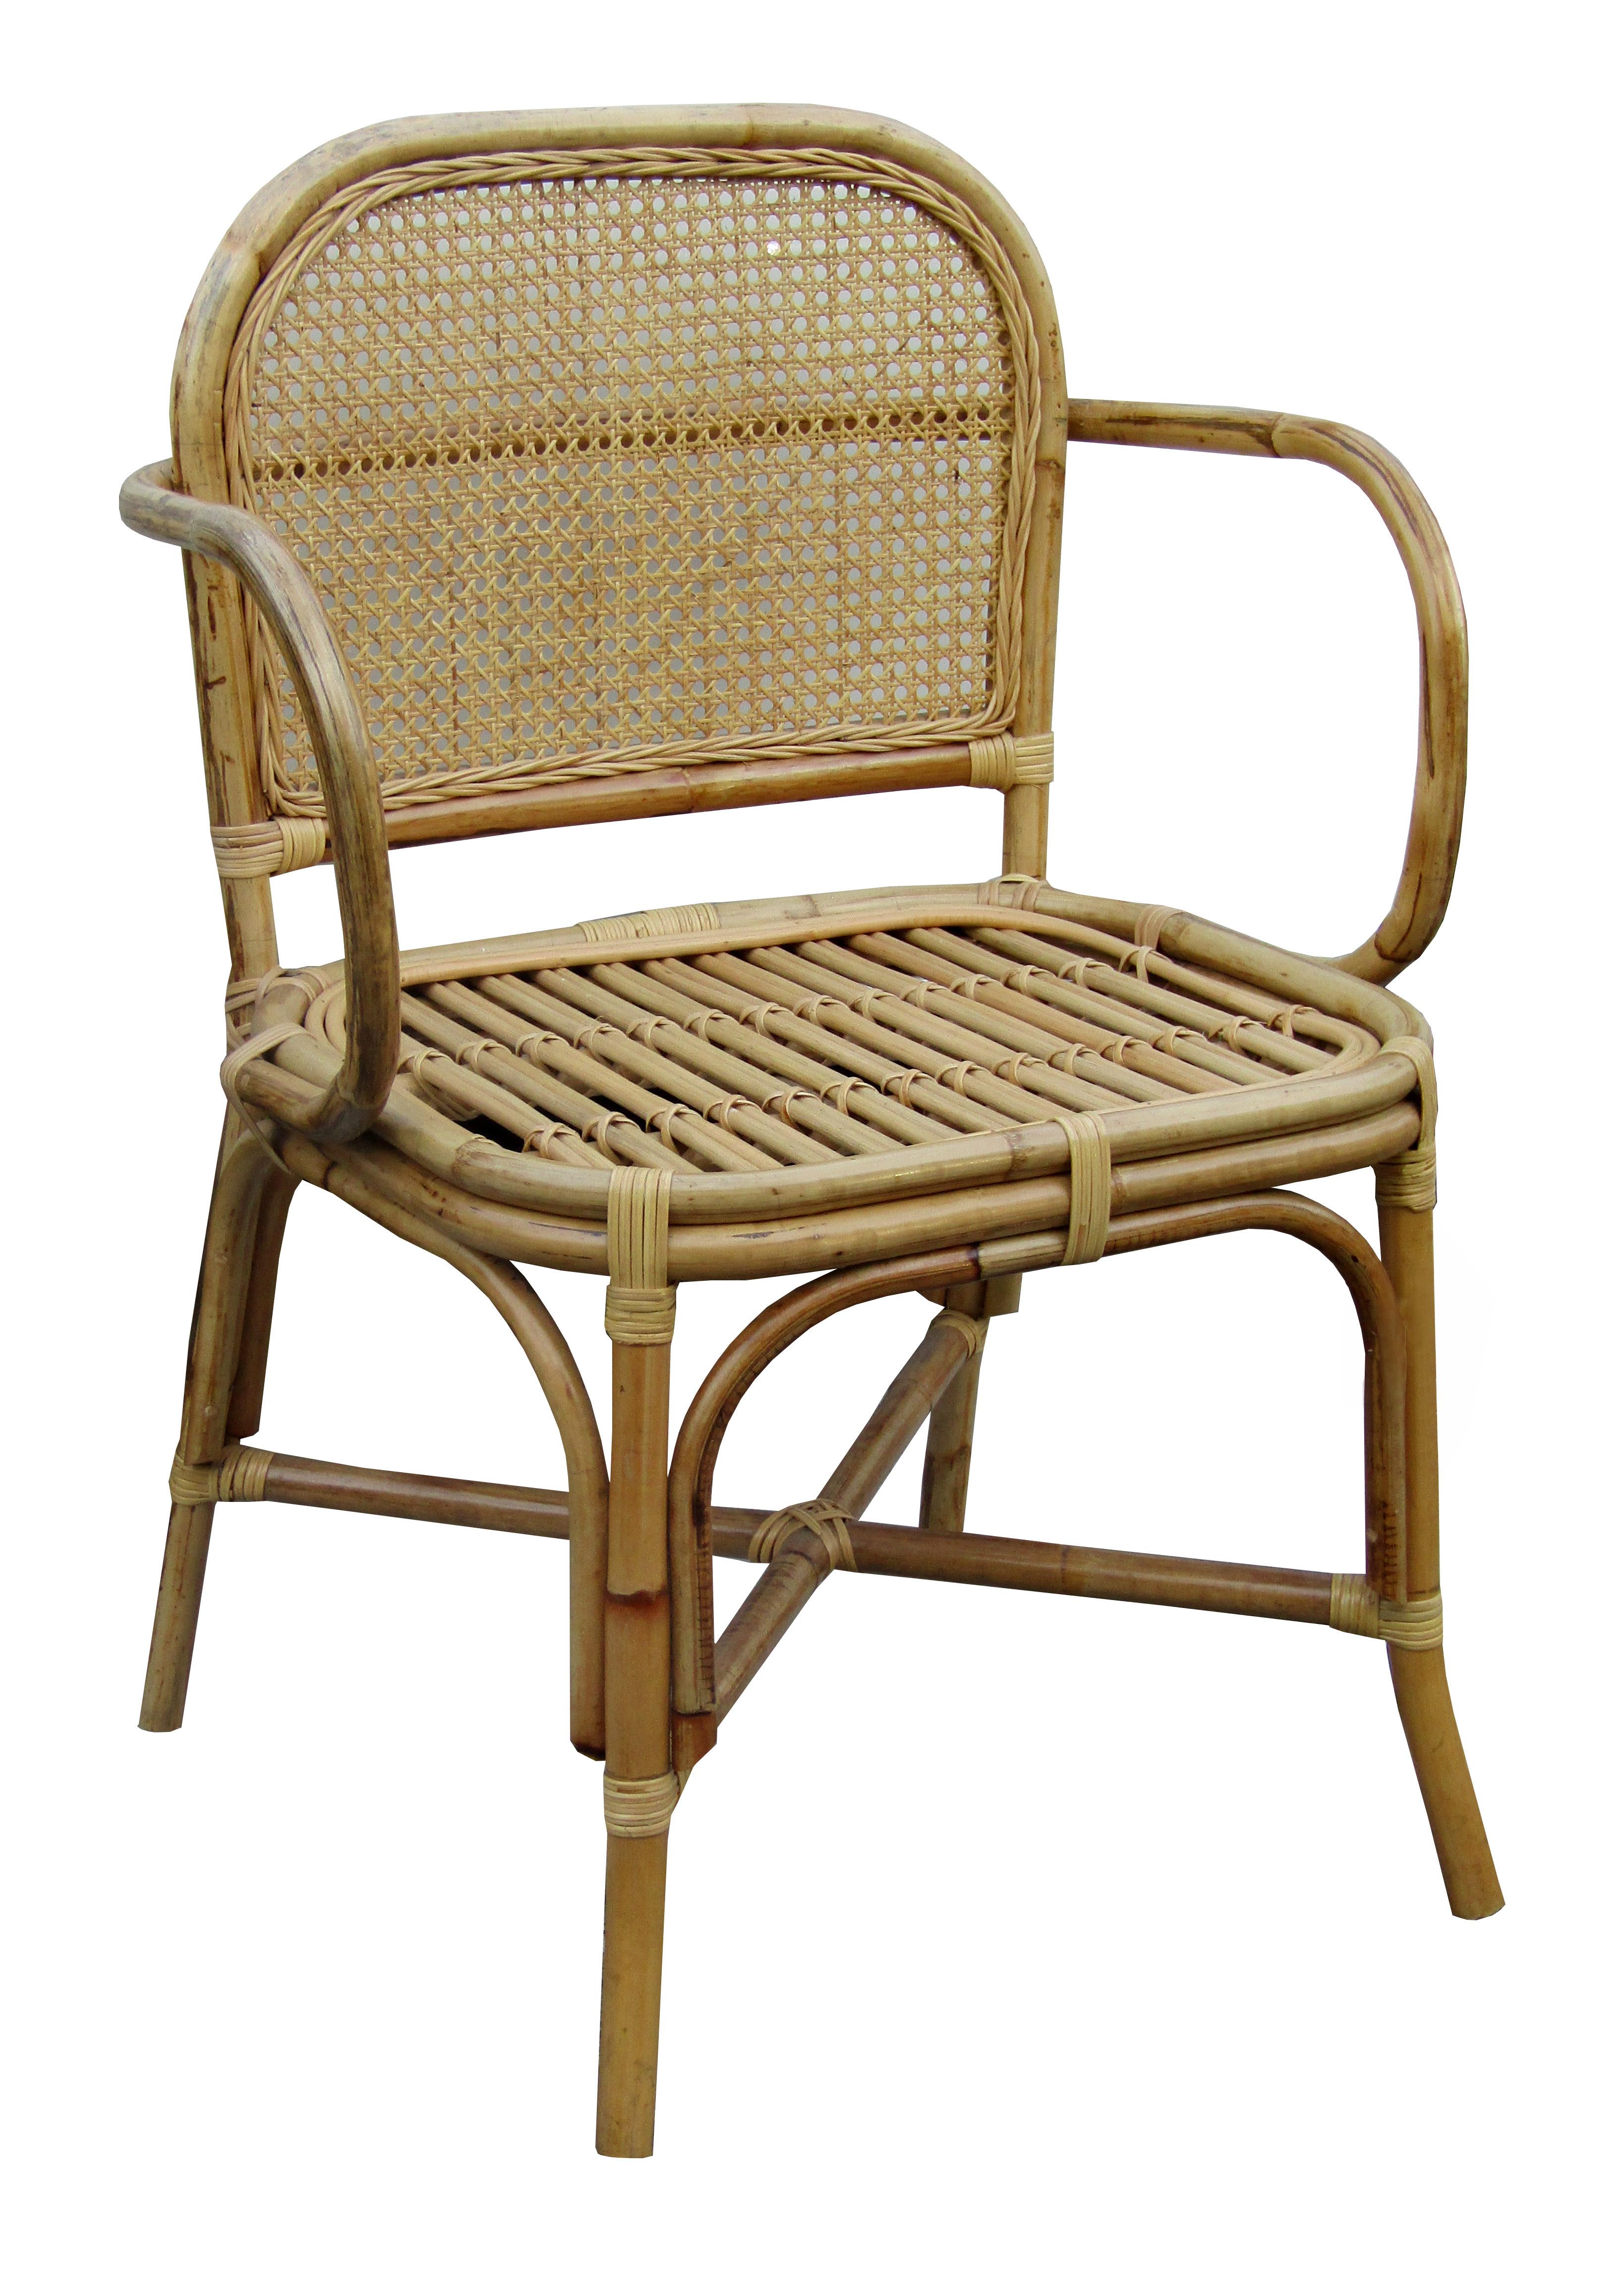 cadeira em bambu com encosto em palhinha por 1.600 reais na RUG HOME: